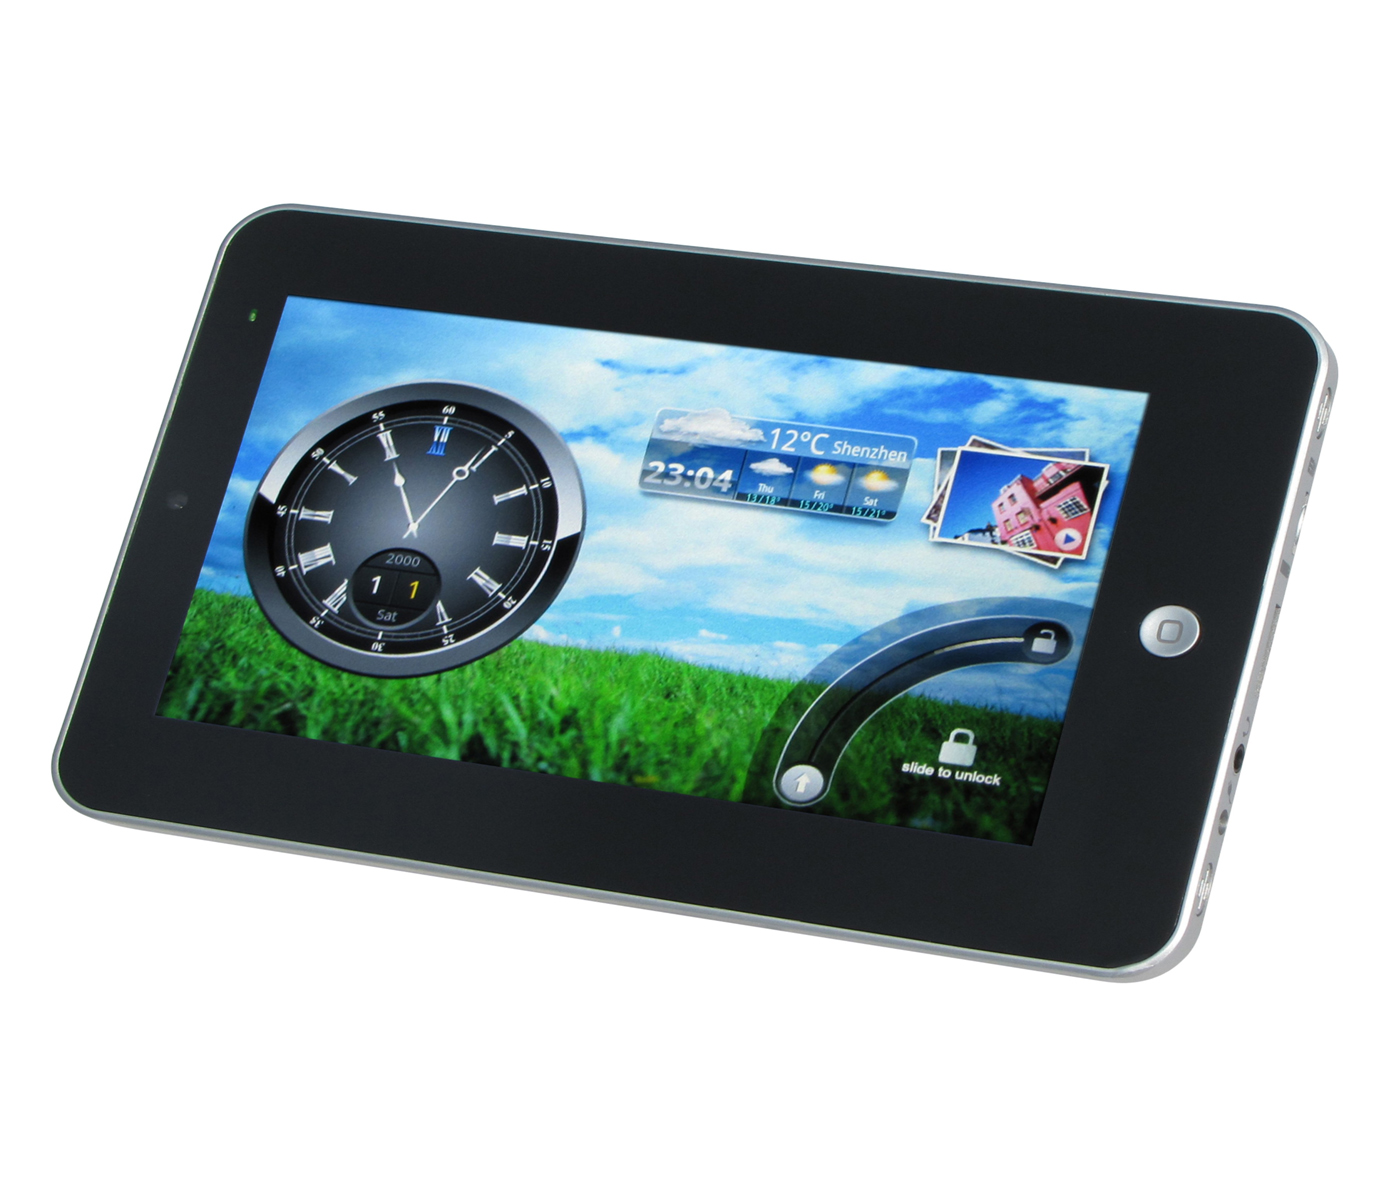 Tablette tactile 7p android 2 2 en gros gcb sourcing - Tablette 7 pouces en cm ...